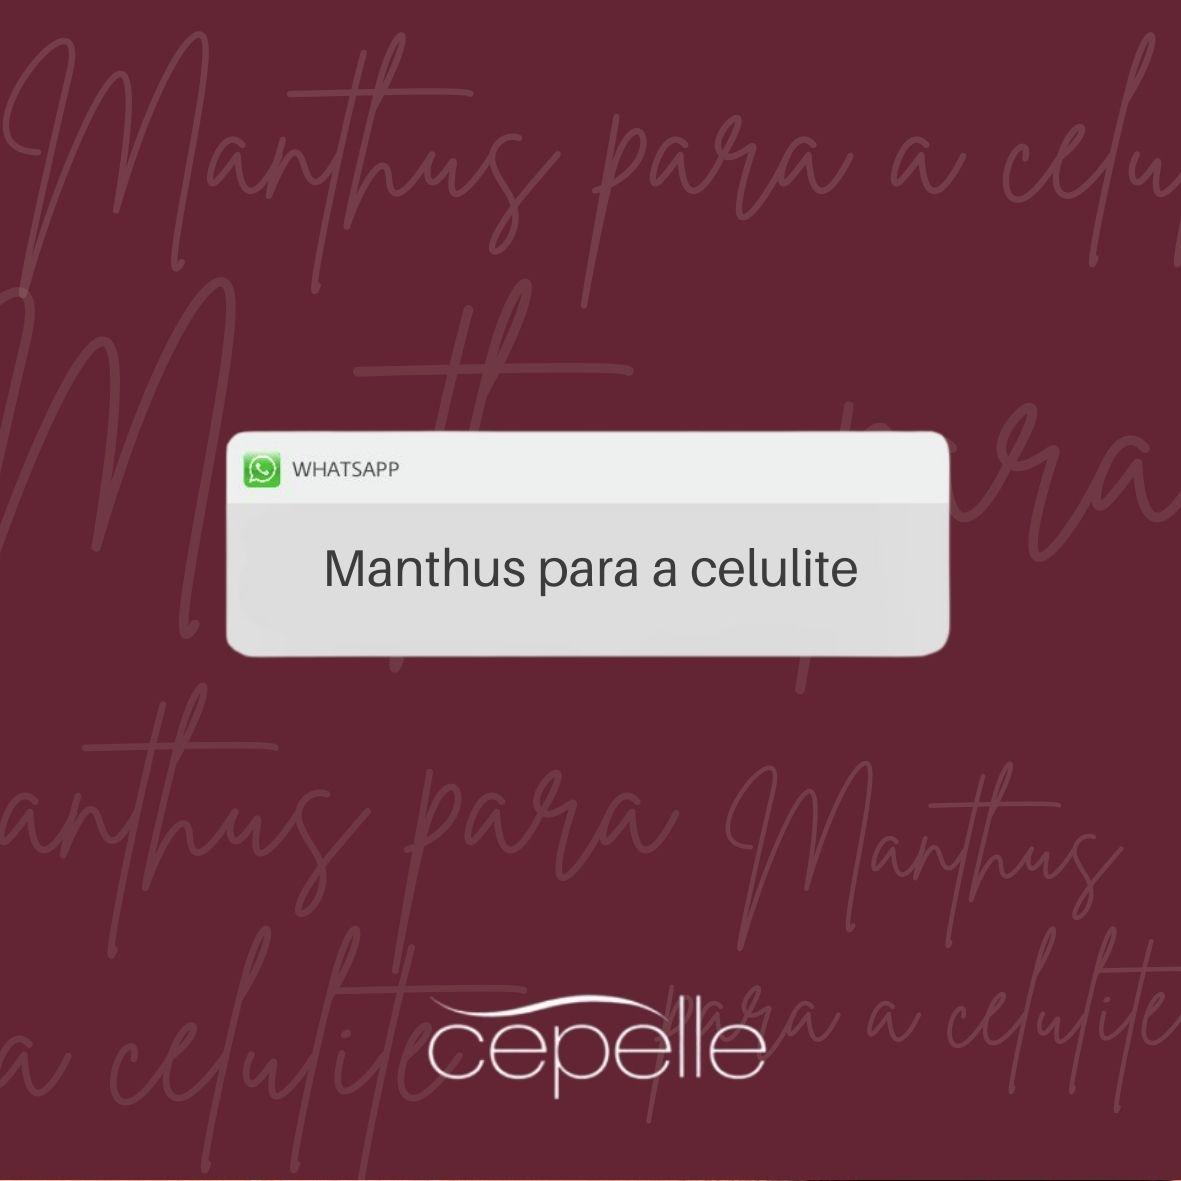 Manthus-para-a-celulite.jpg